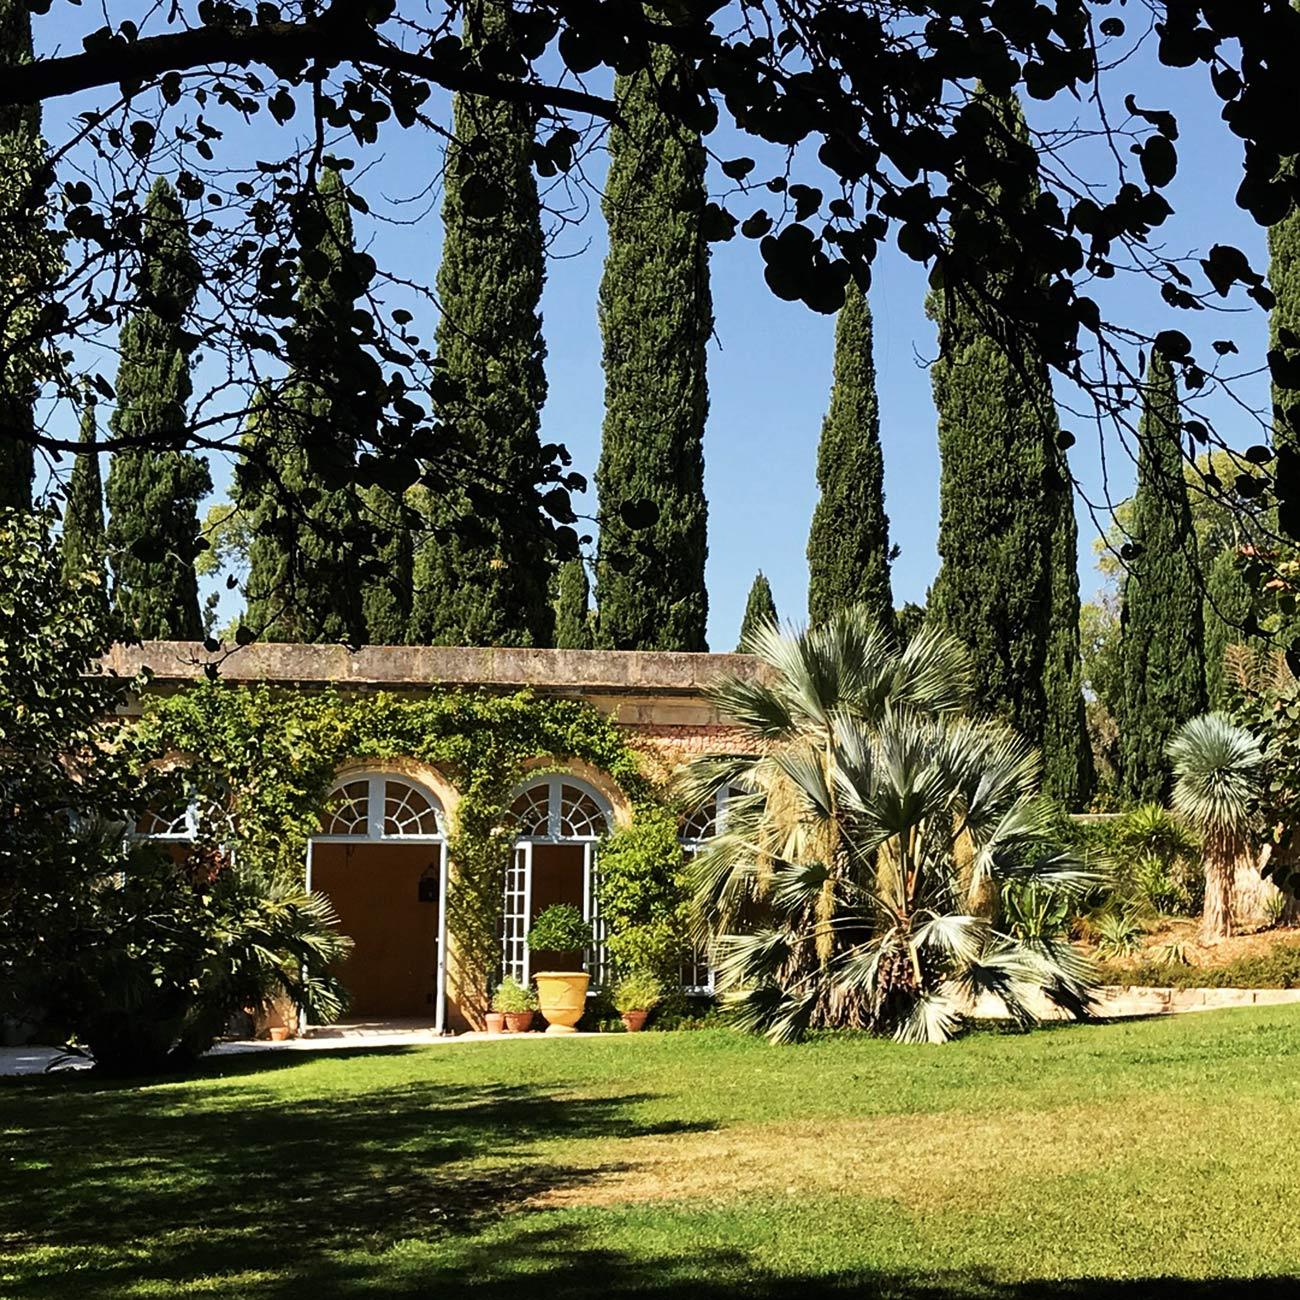 JARDINS DU CHATEAU DE FLAUGERGUES - Orangerie - Atelier Naudier -Architecte Paysagiste concepteur - Montpellier & Aix en Provence